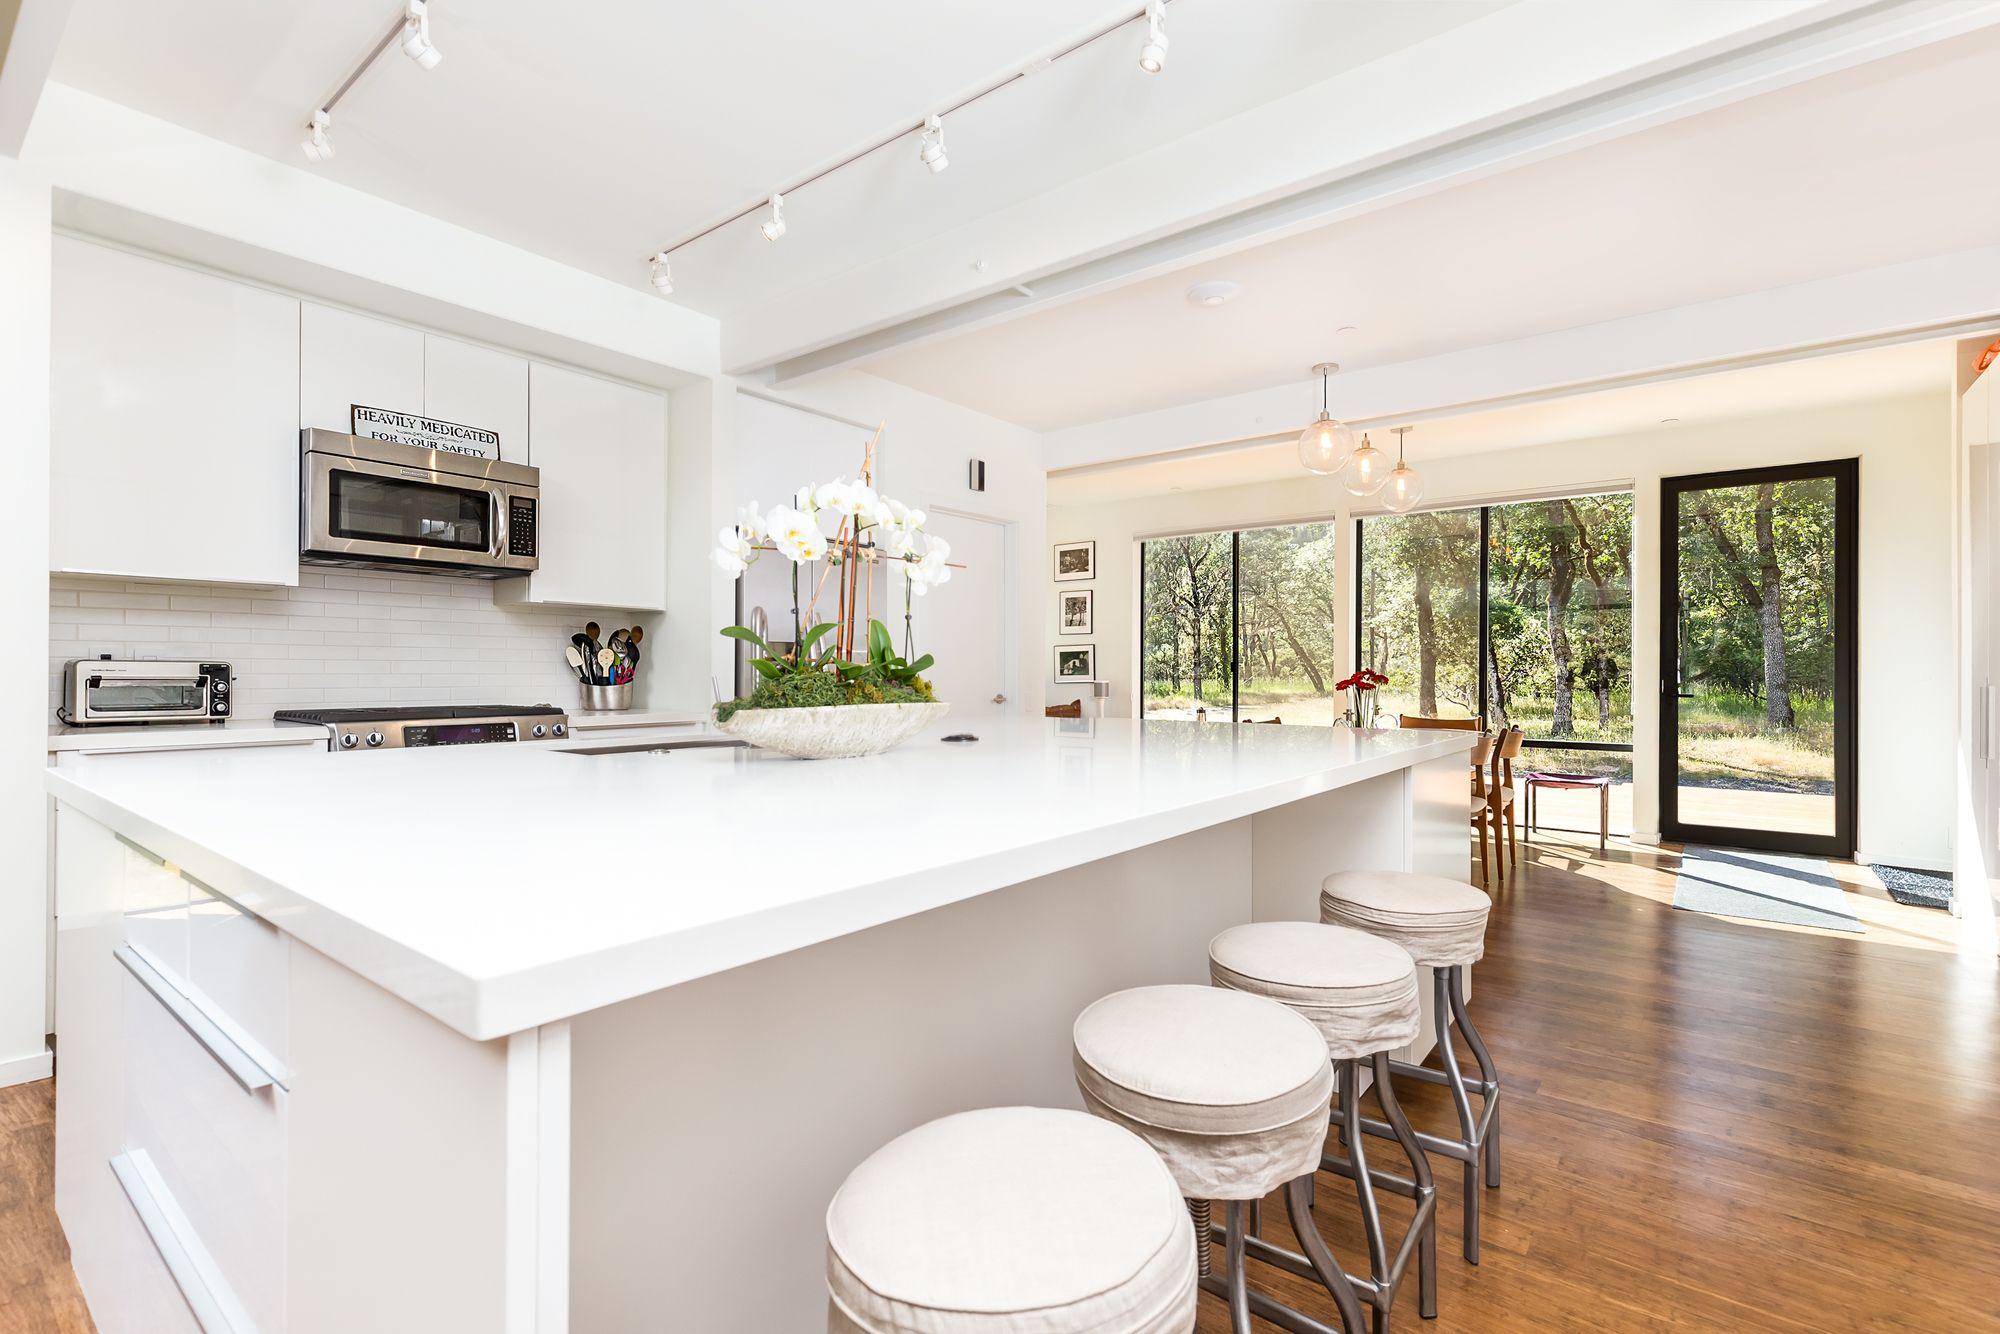 Ziemlich Landküche Lichtideen Bilder Fotos - Ideen Für Die Küche ...